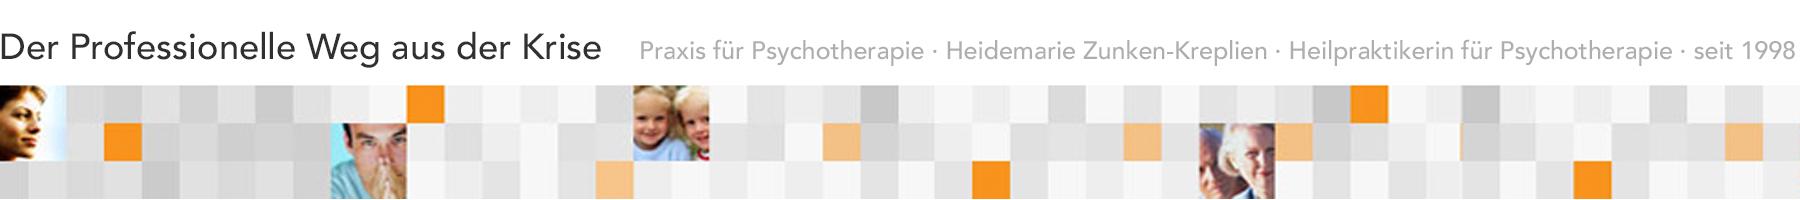 Praxis Heidemarie Zunken-Kreplien – Der professionelle Weg aus der Krise Logo